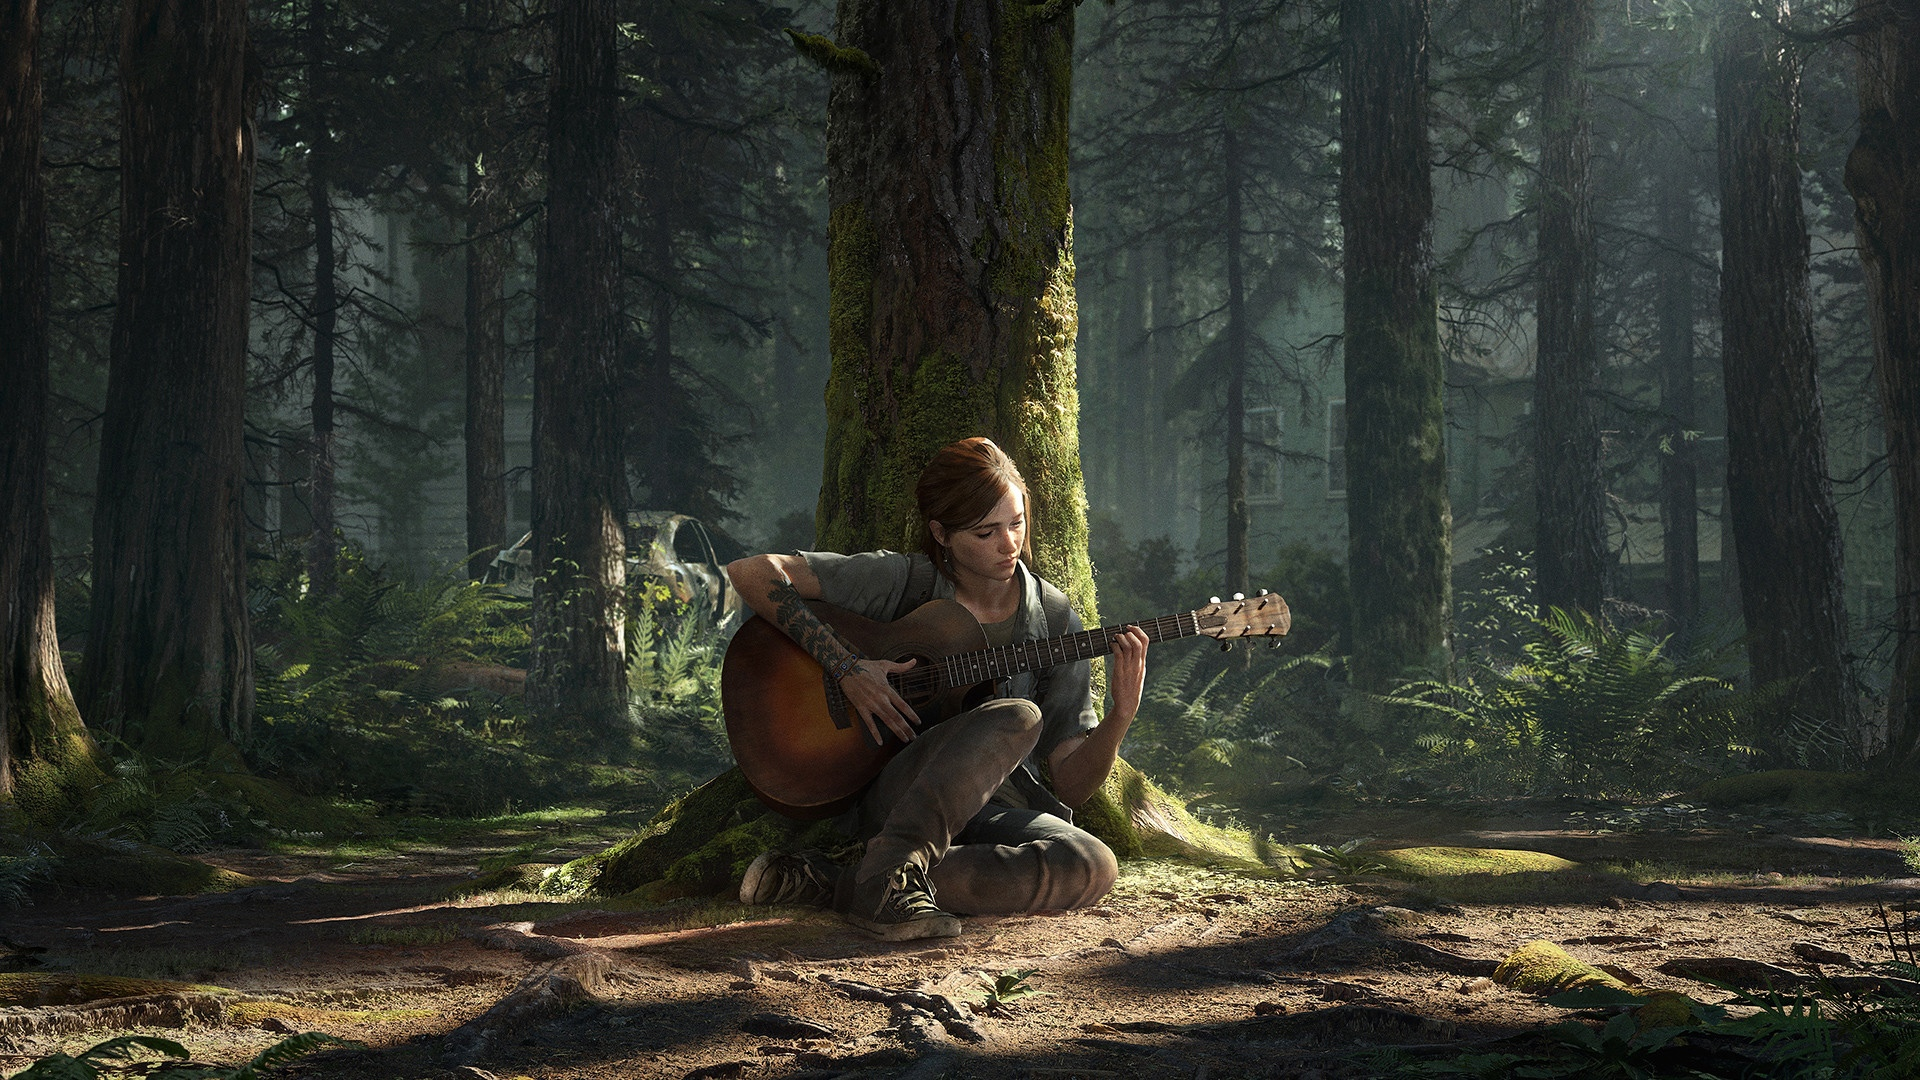 Нил Дракманн в интервью подкасту Script Apart поделился, что набросок сценария The Last of Us: Part 3 уже готов и посвящен событиям после второй части